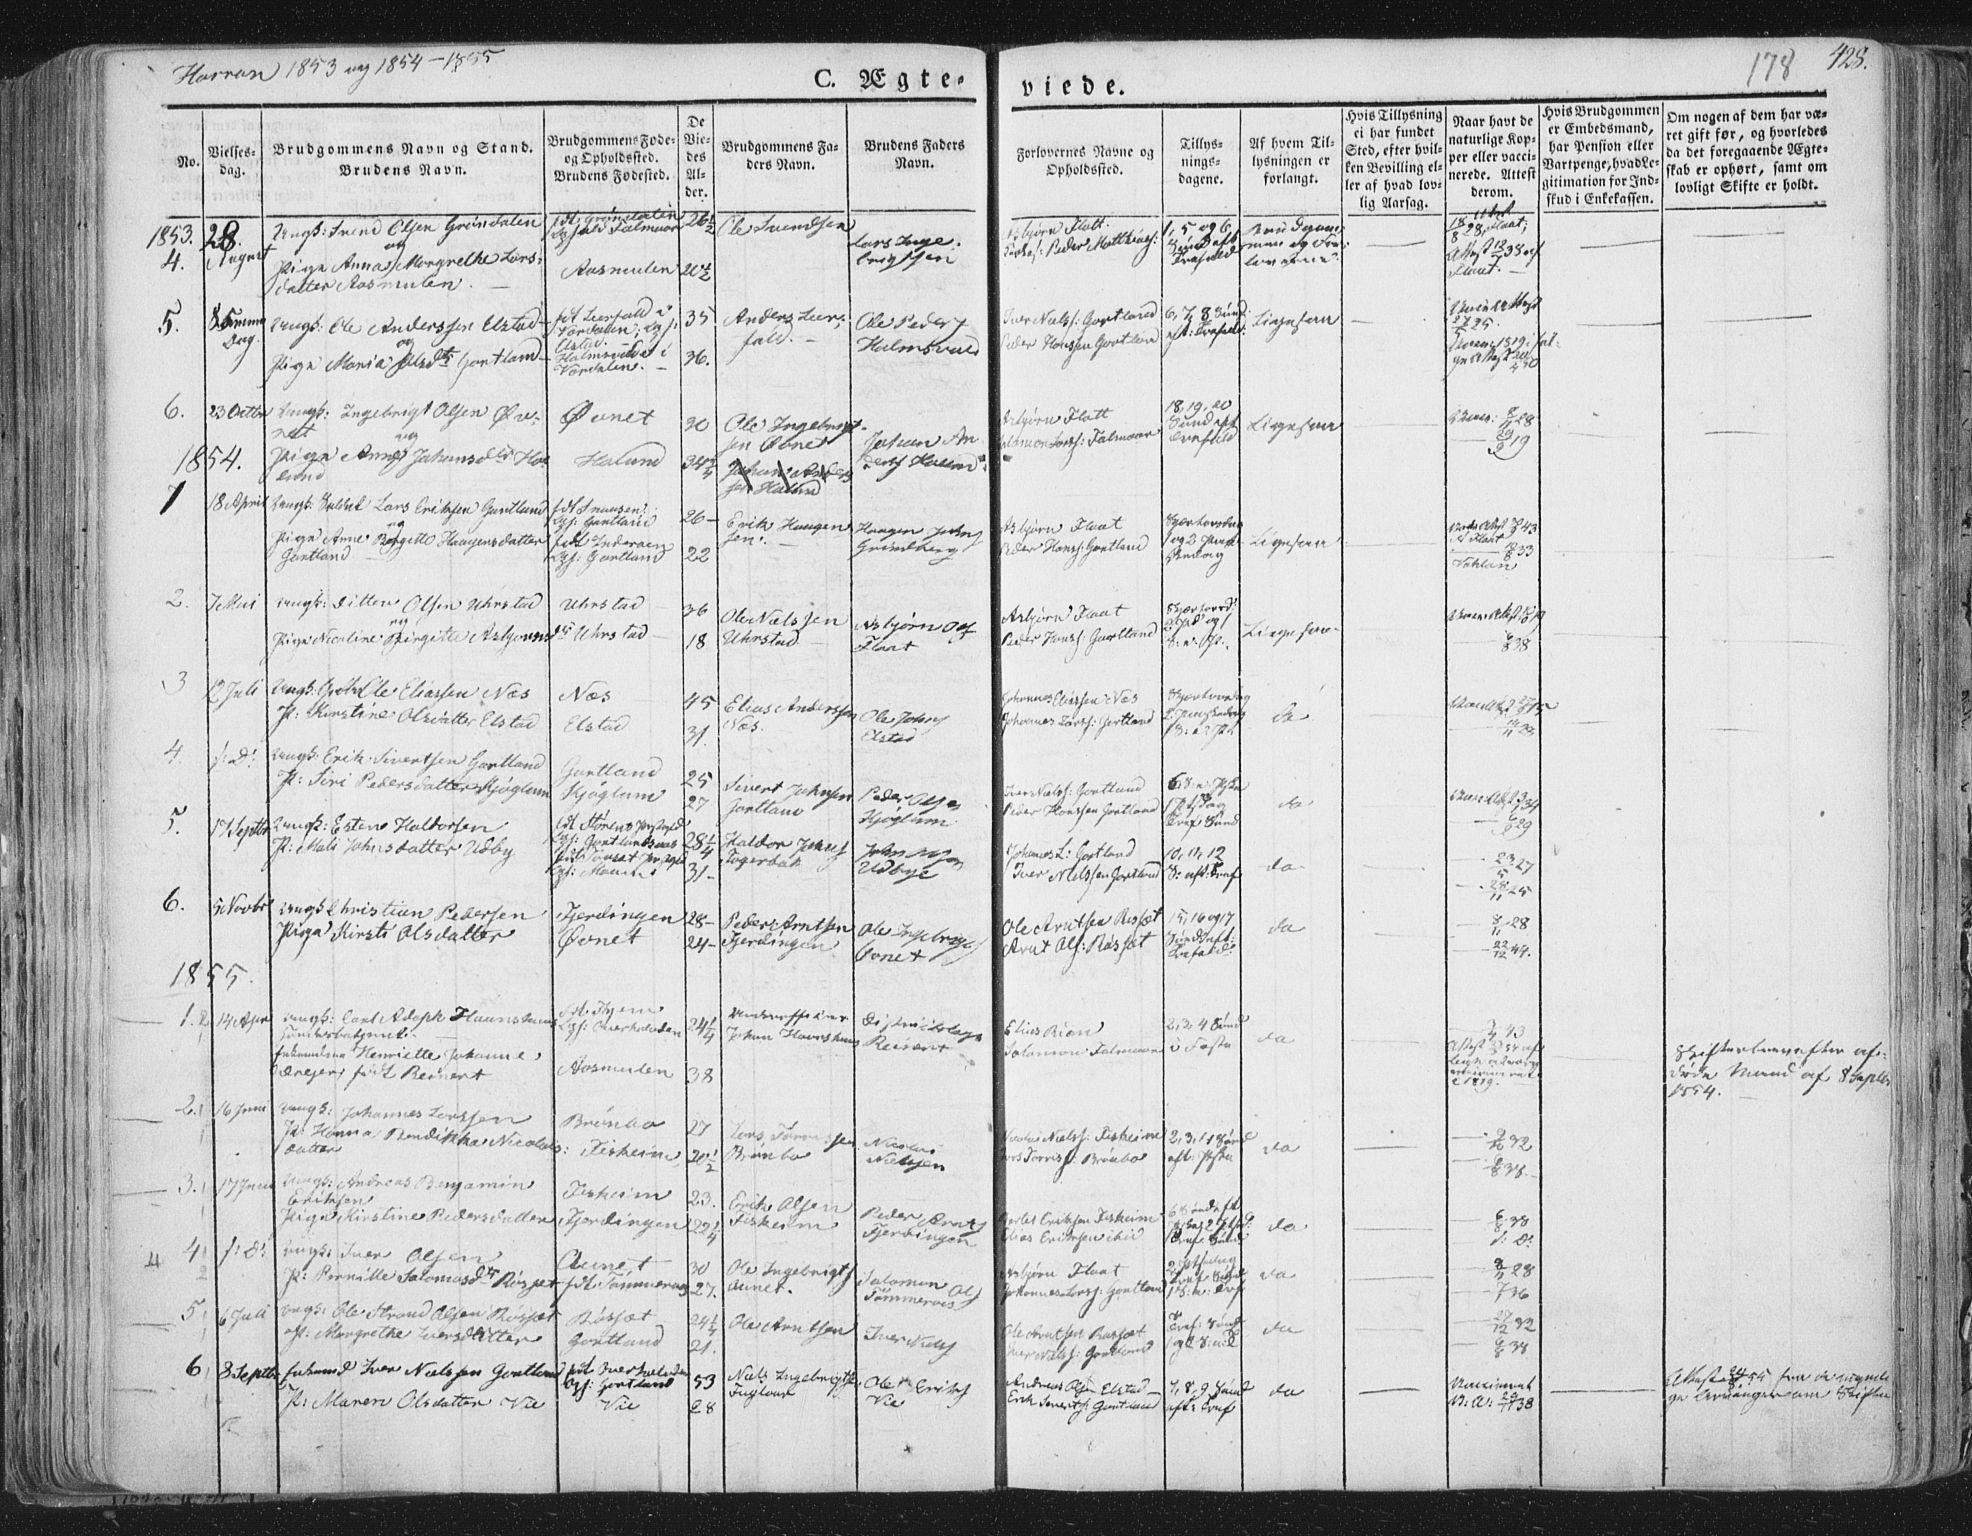 SAT, Ministerialprotokoller, klokkerbøker og fødselsregistre - Nord-Trøndelag, 758/L0513: Ministerialbok nr. 758A02 /3, 1839-1868, s. 178